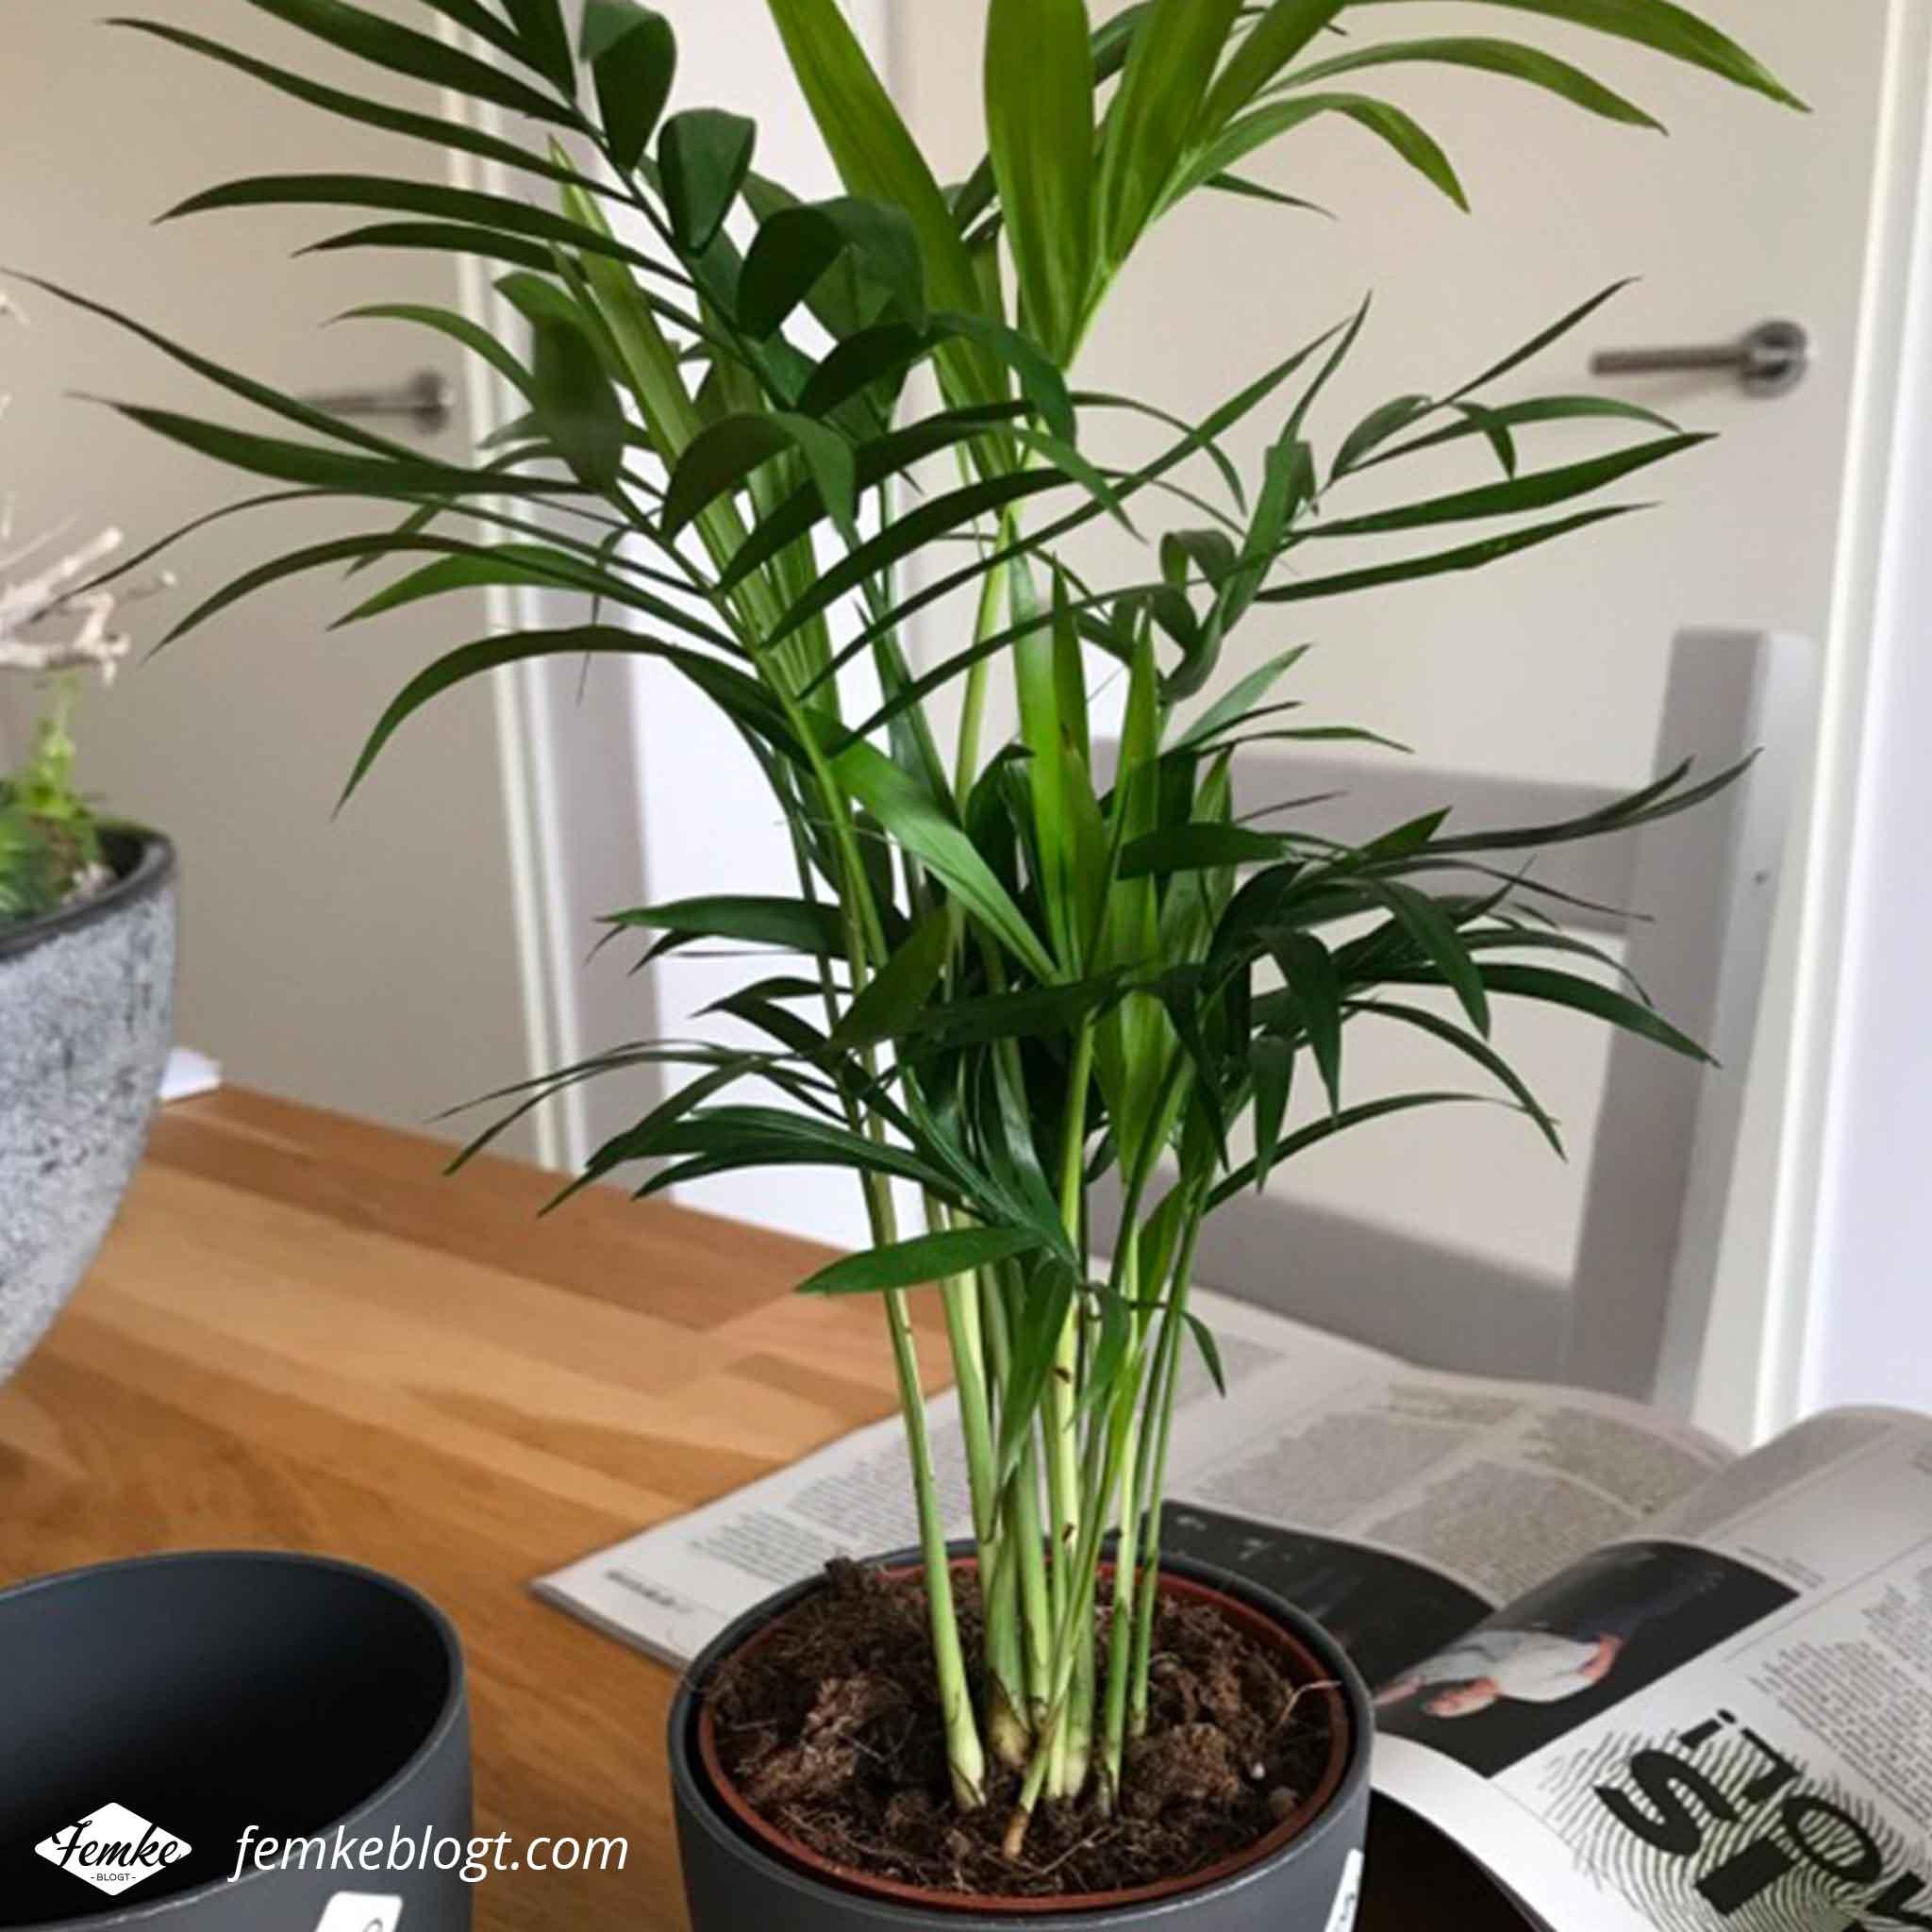 Maandoverzicht januari | Nieuwe plantjes gekocht